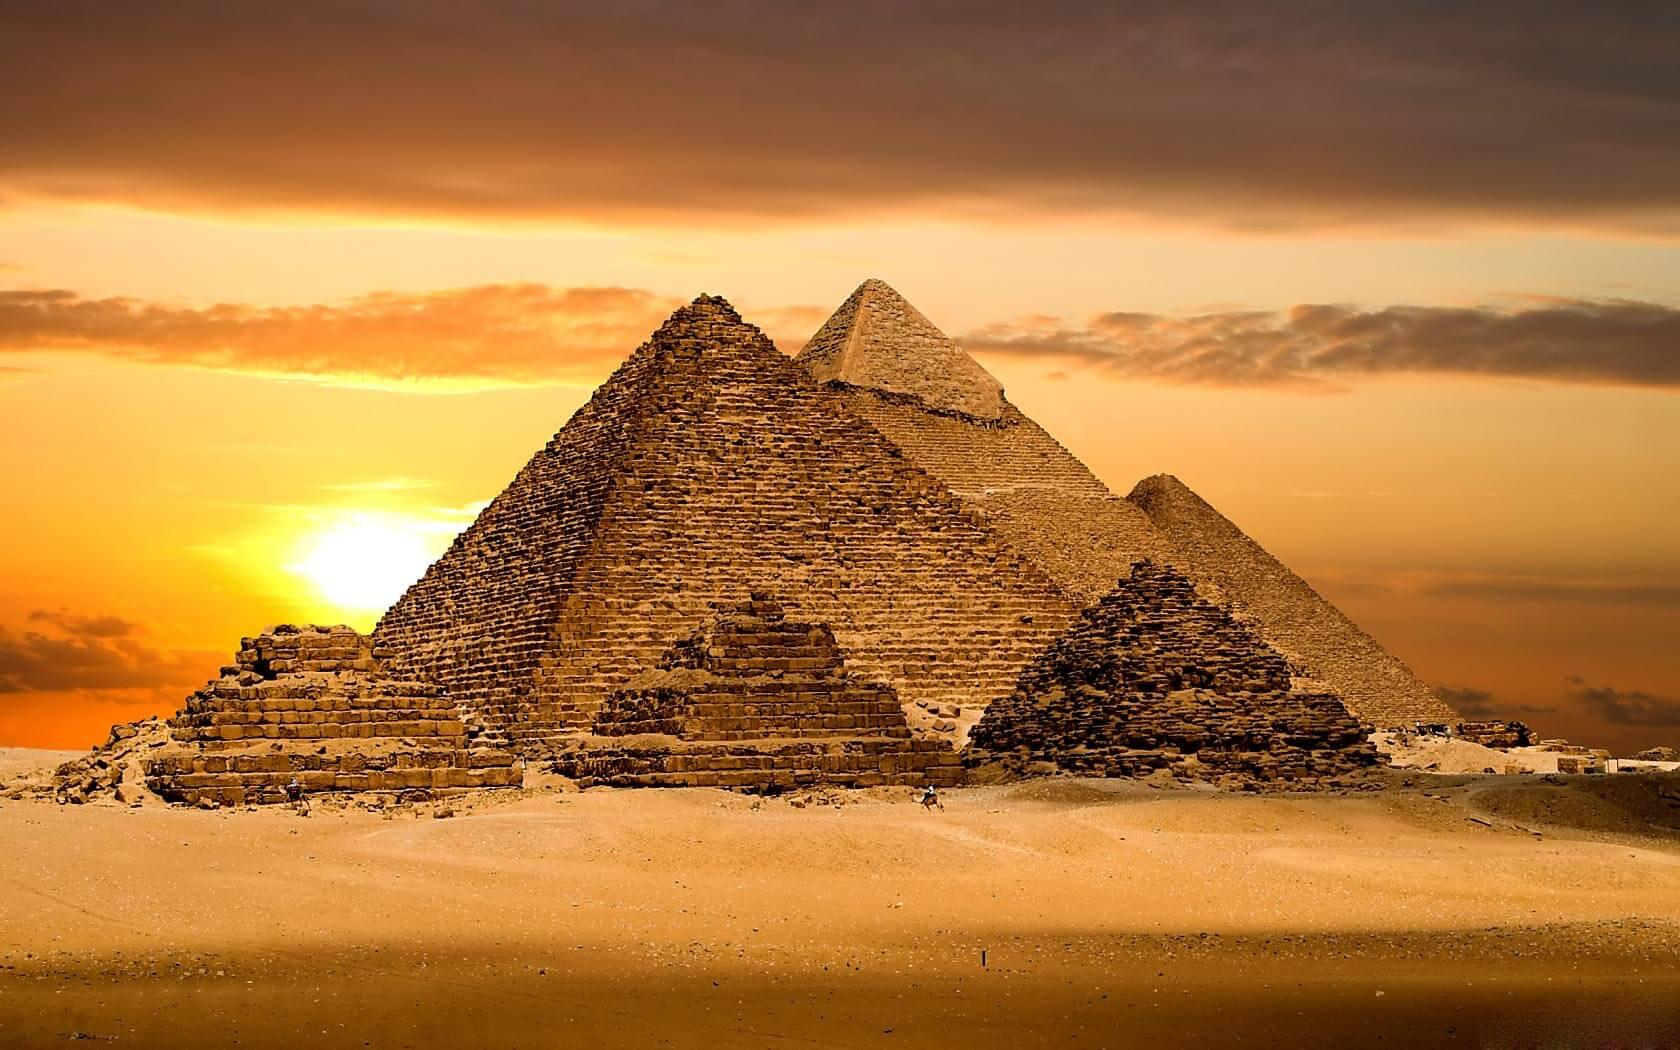 Физики нашли в Великой пирамиде загадочную структуру: каким образом?